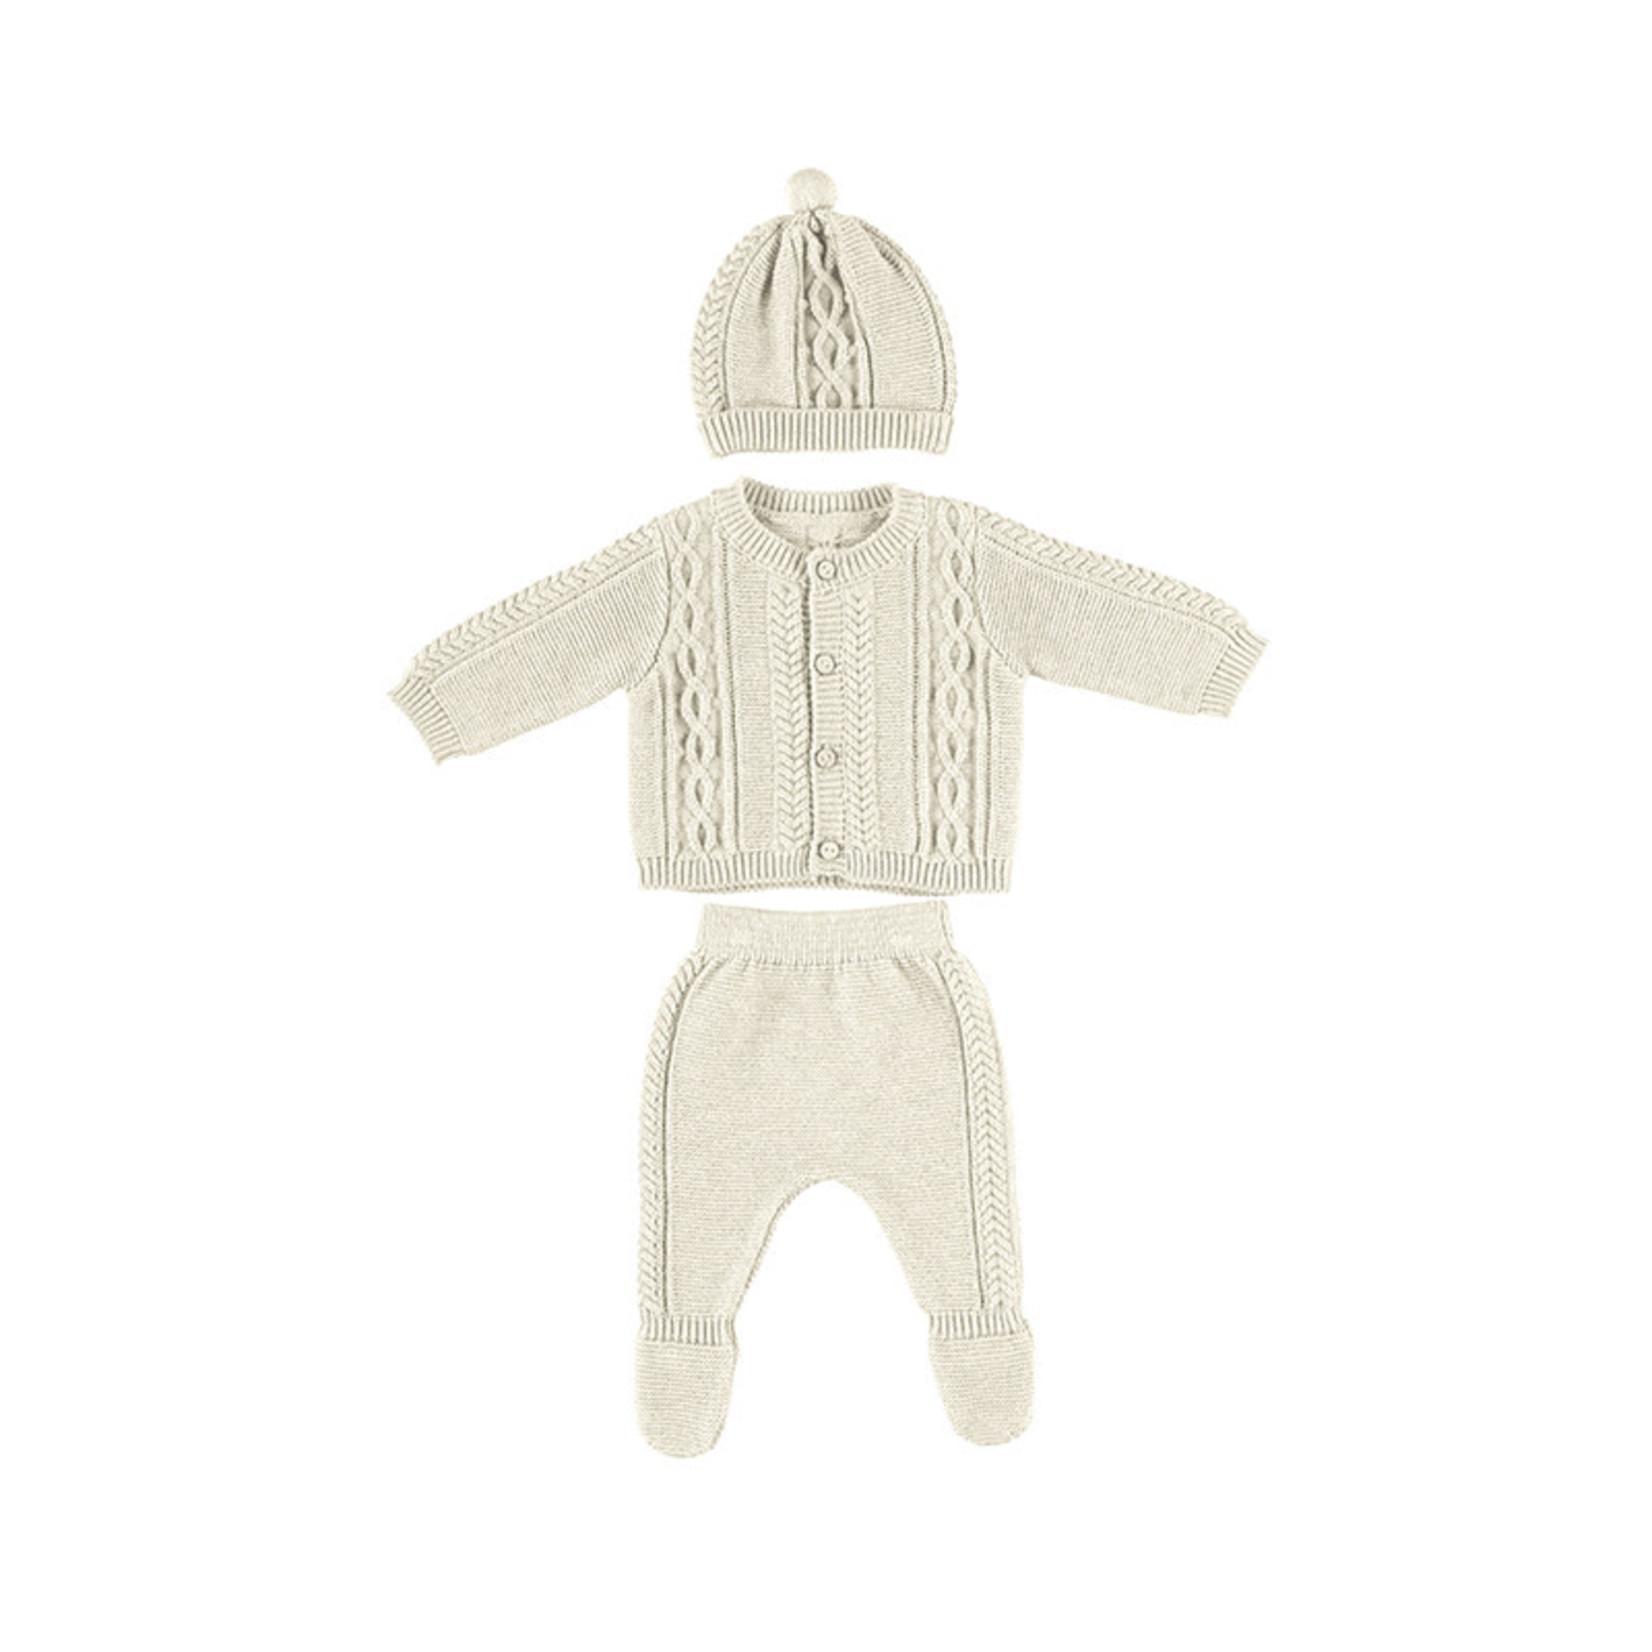 Mayoral Baby Set Ivory - Mayoral